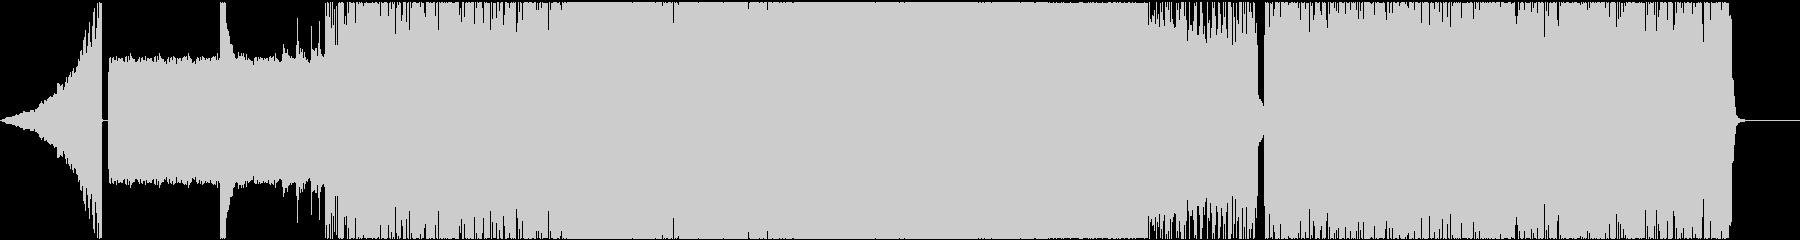 ロック系 攻撃的なファンクロック!③の未再生の波形